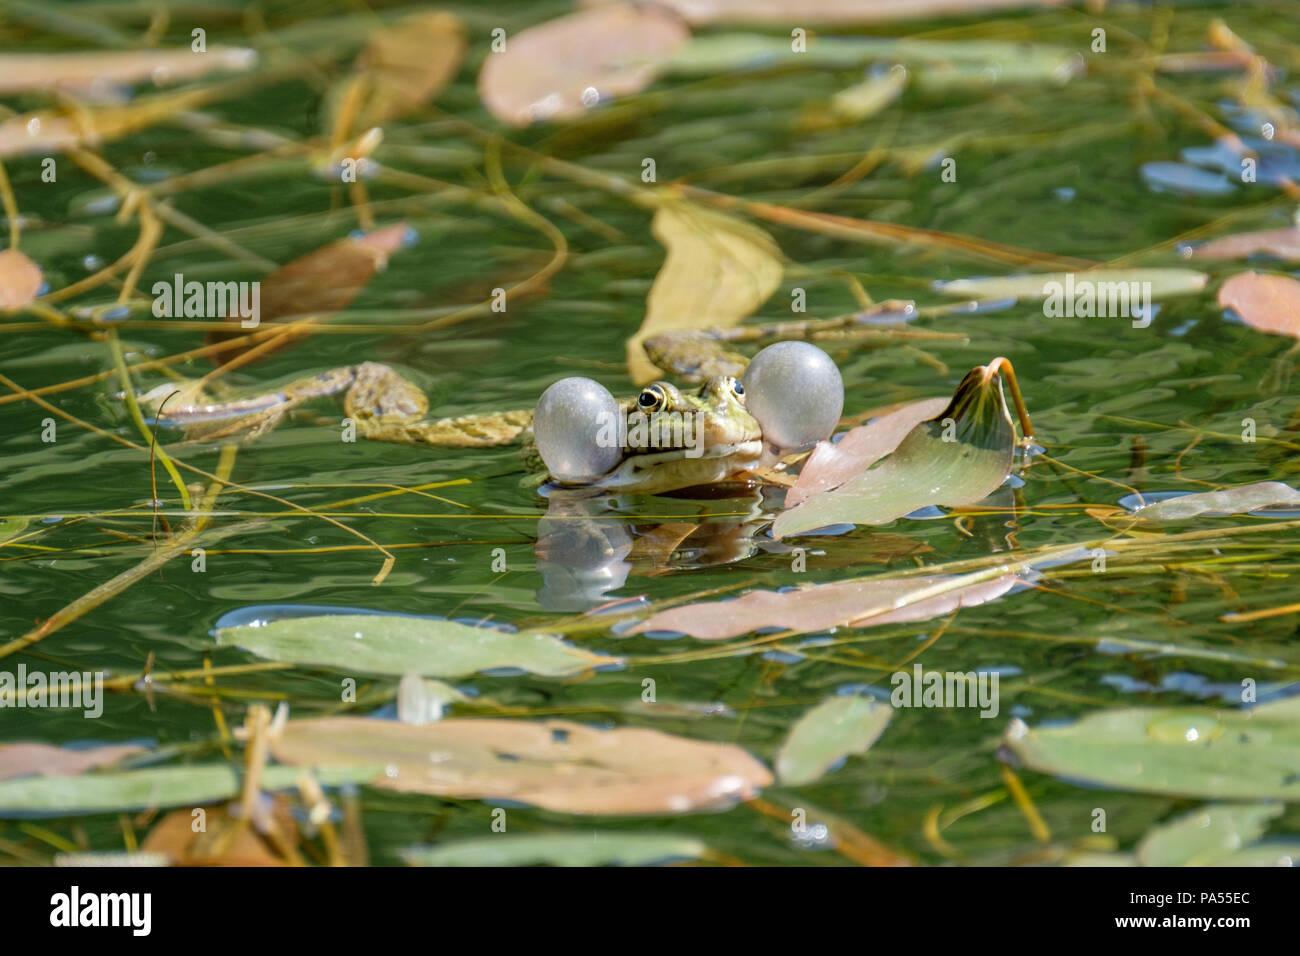 Der vocal sacs eines männlichen Frosch. Frösche in einem schönen frisches Wasser Teich in der Schweiz Stockbild